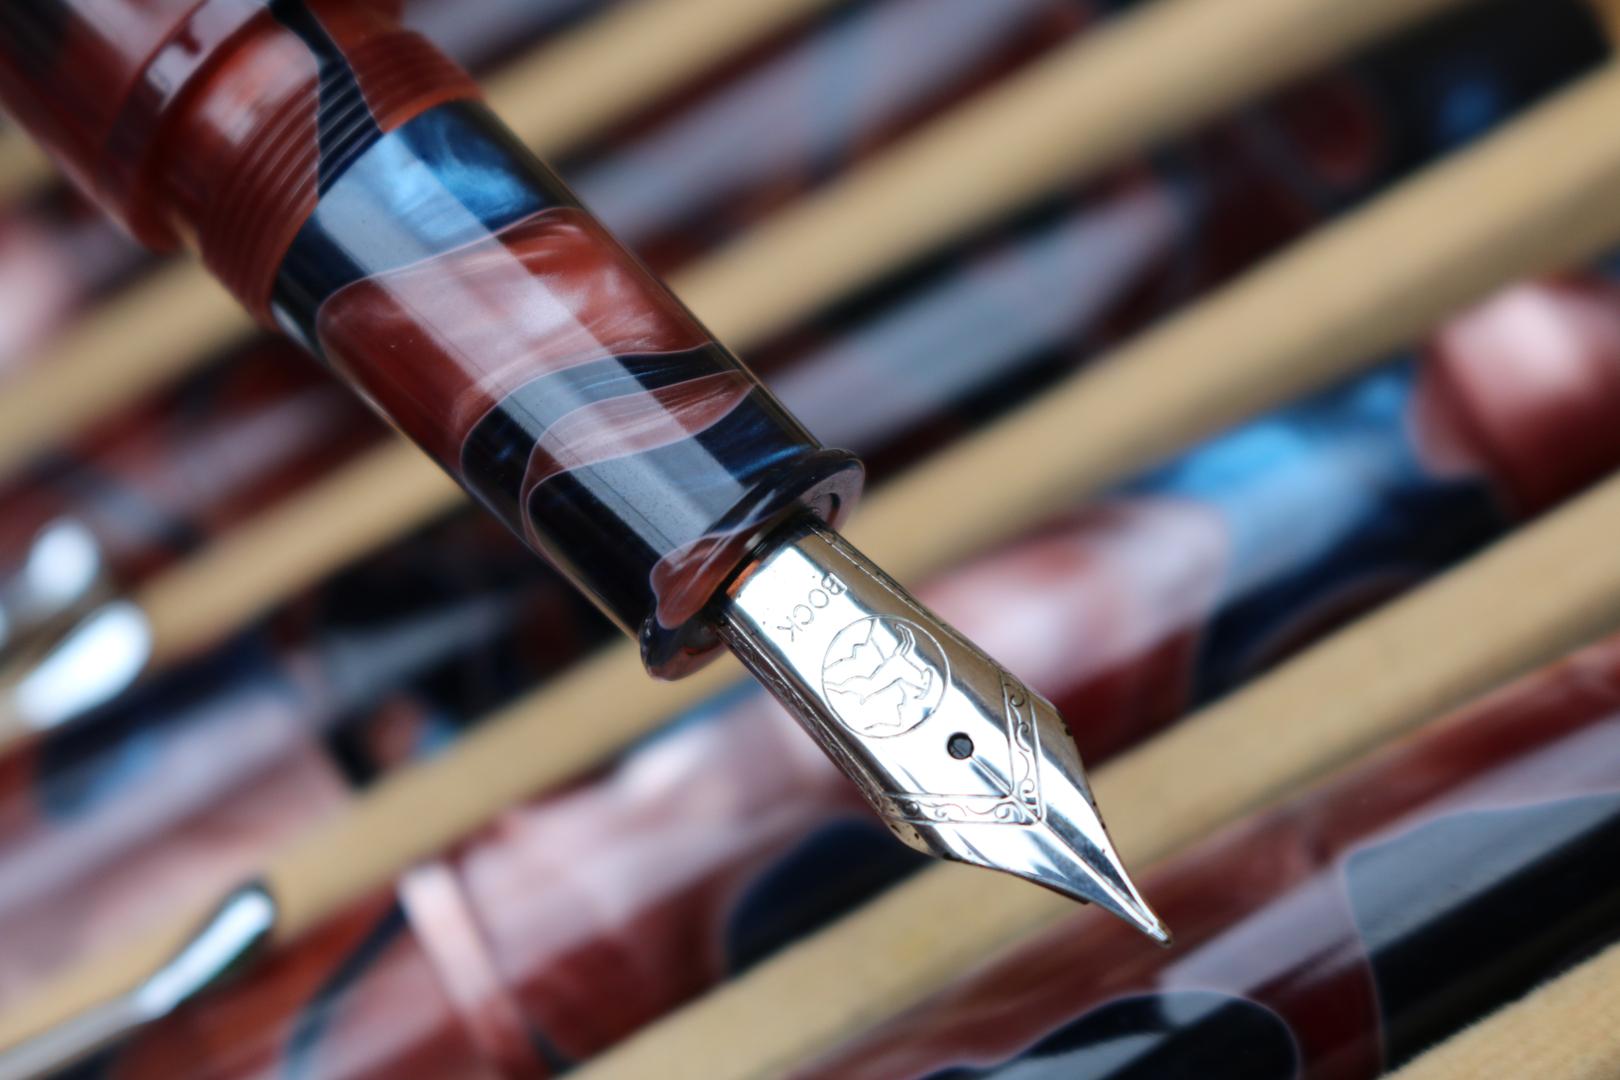 Moonman fountain pen